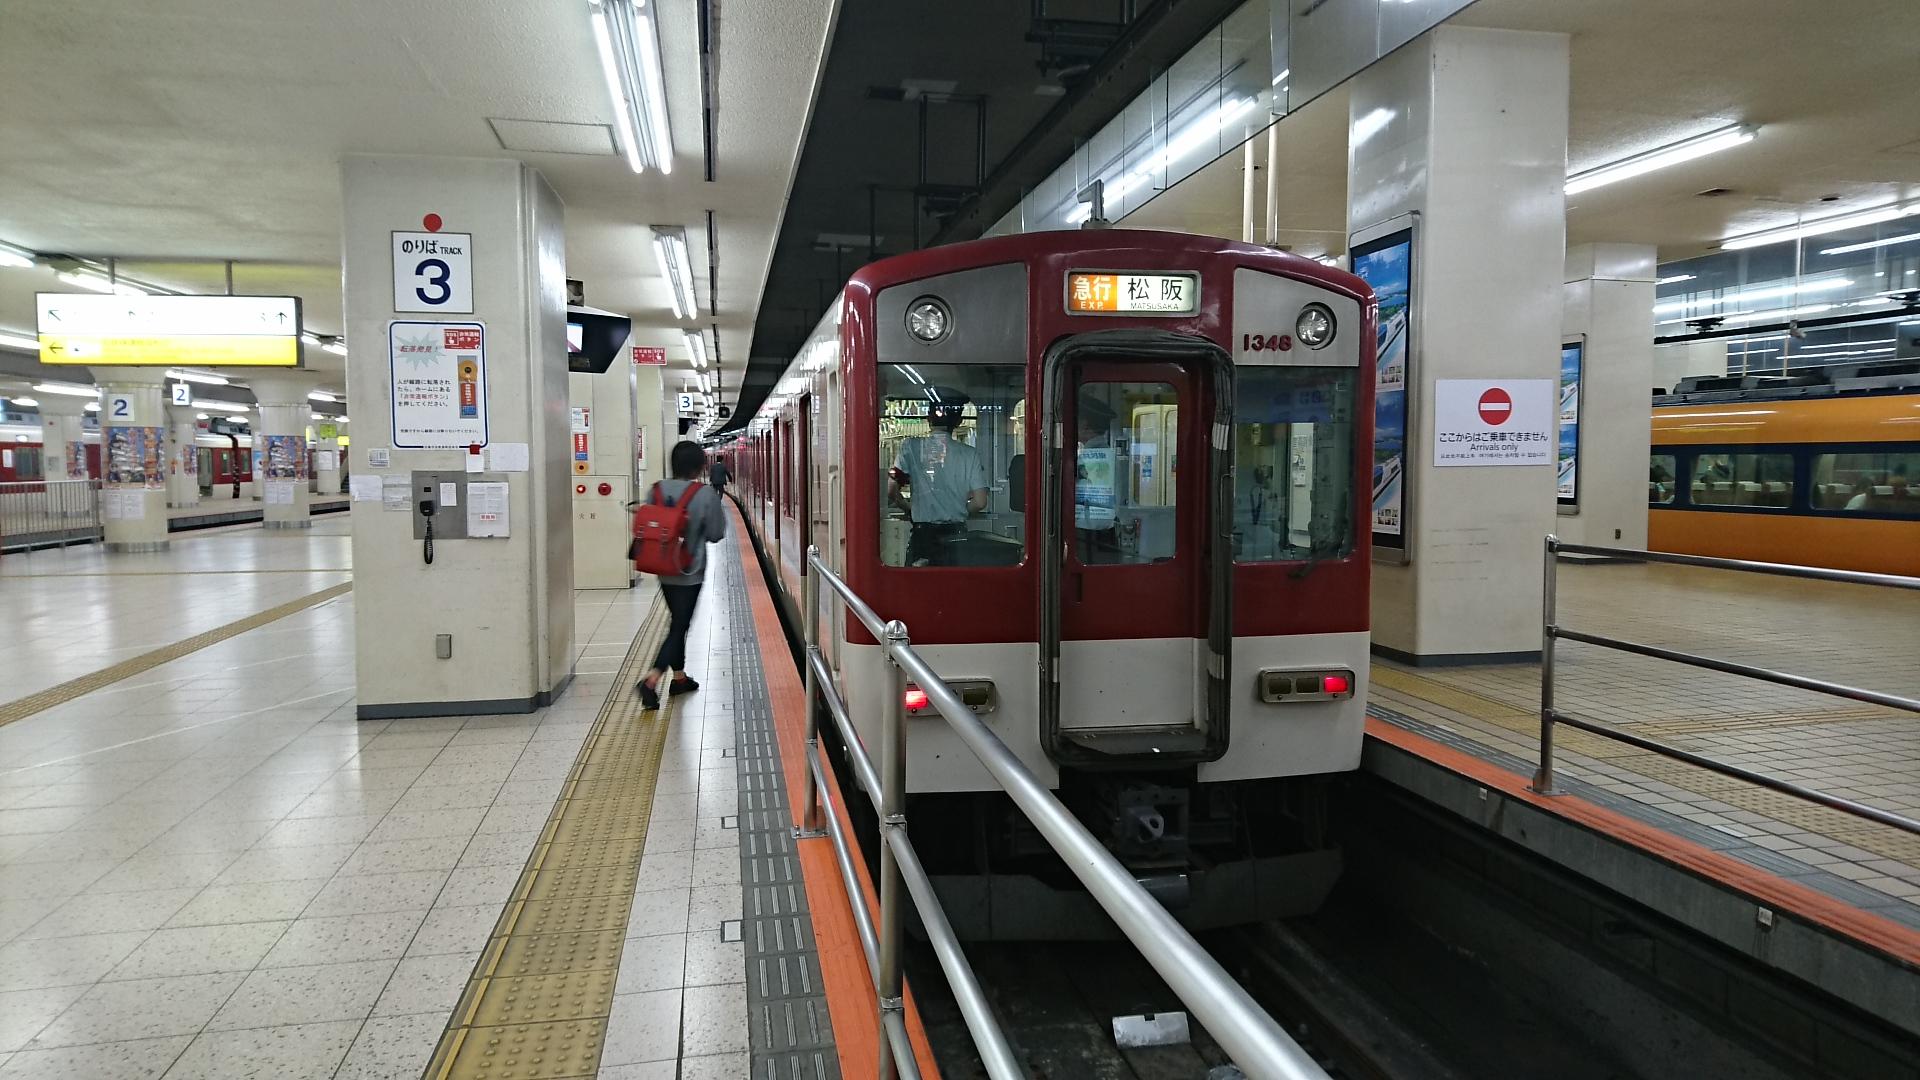 2017.4.25 近鉄 (3) 名古屋 - 松阪いき急行 1920-1080